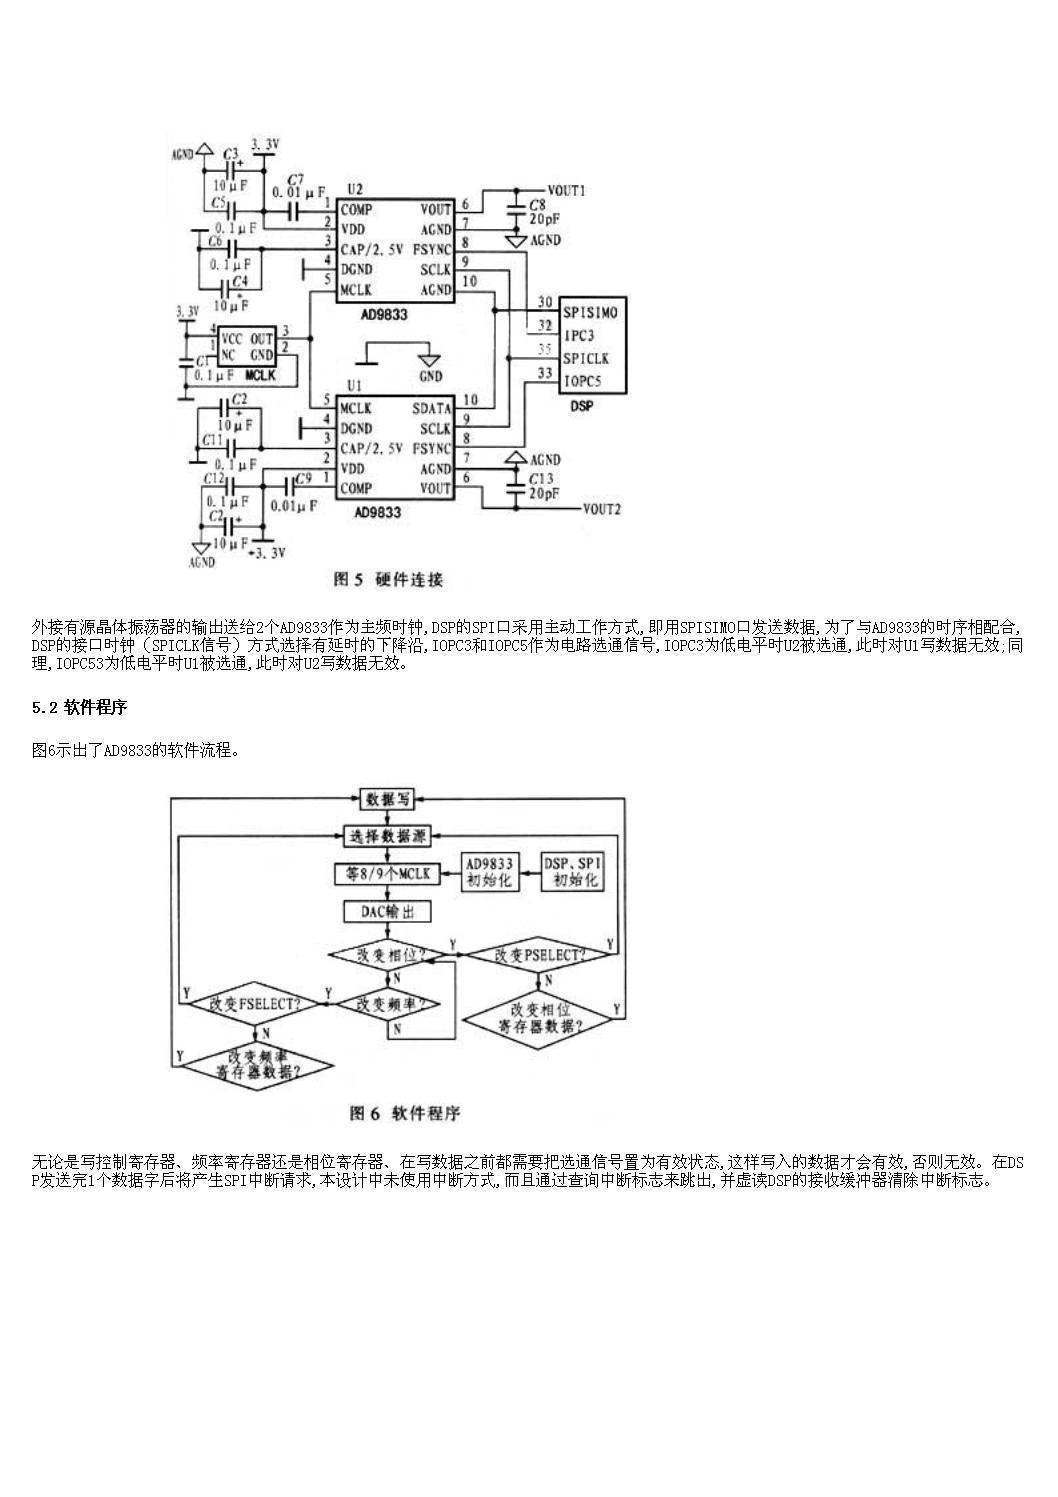 ad9833型高精度可编程波形发生器及其应用